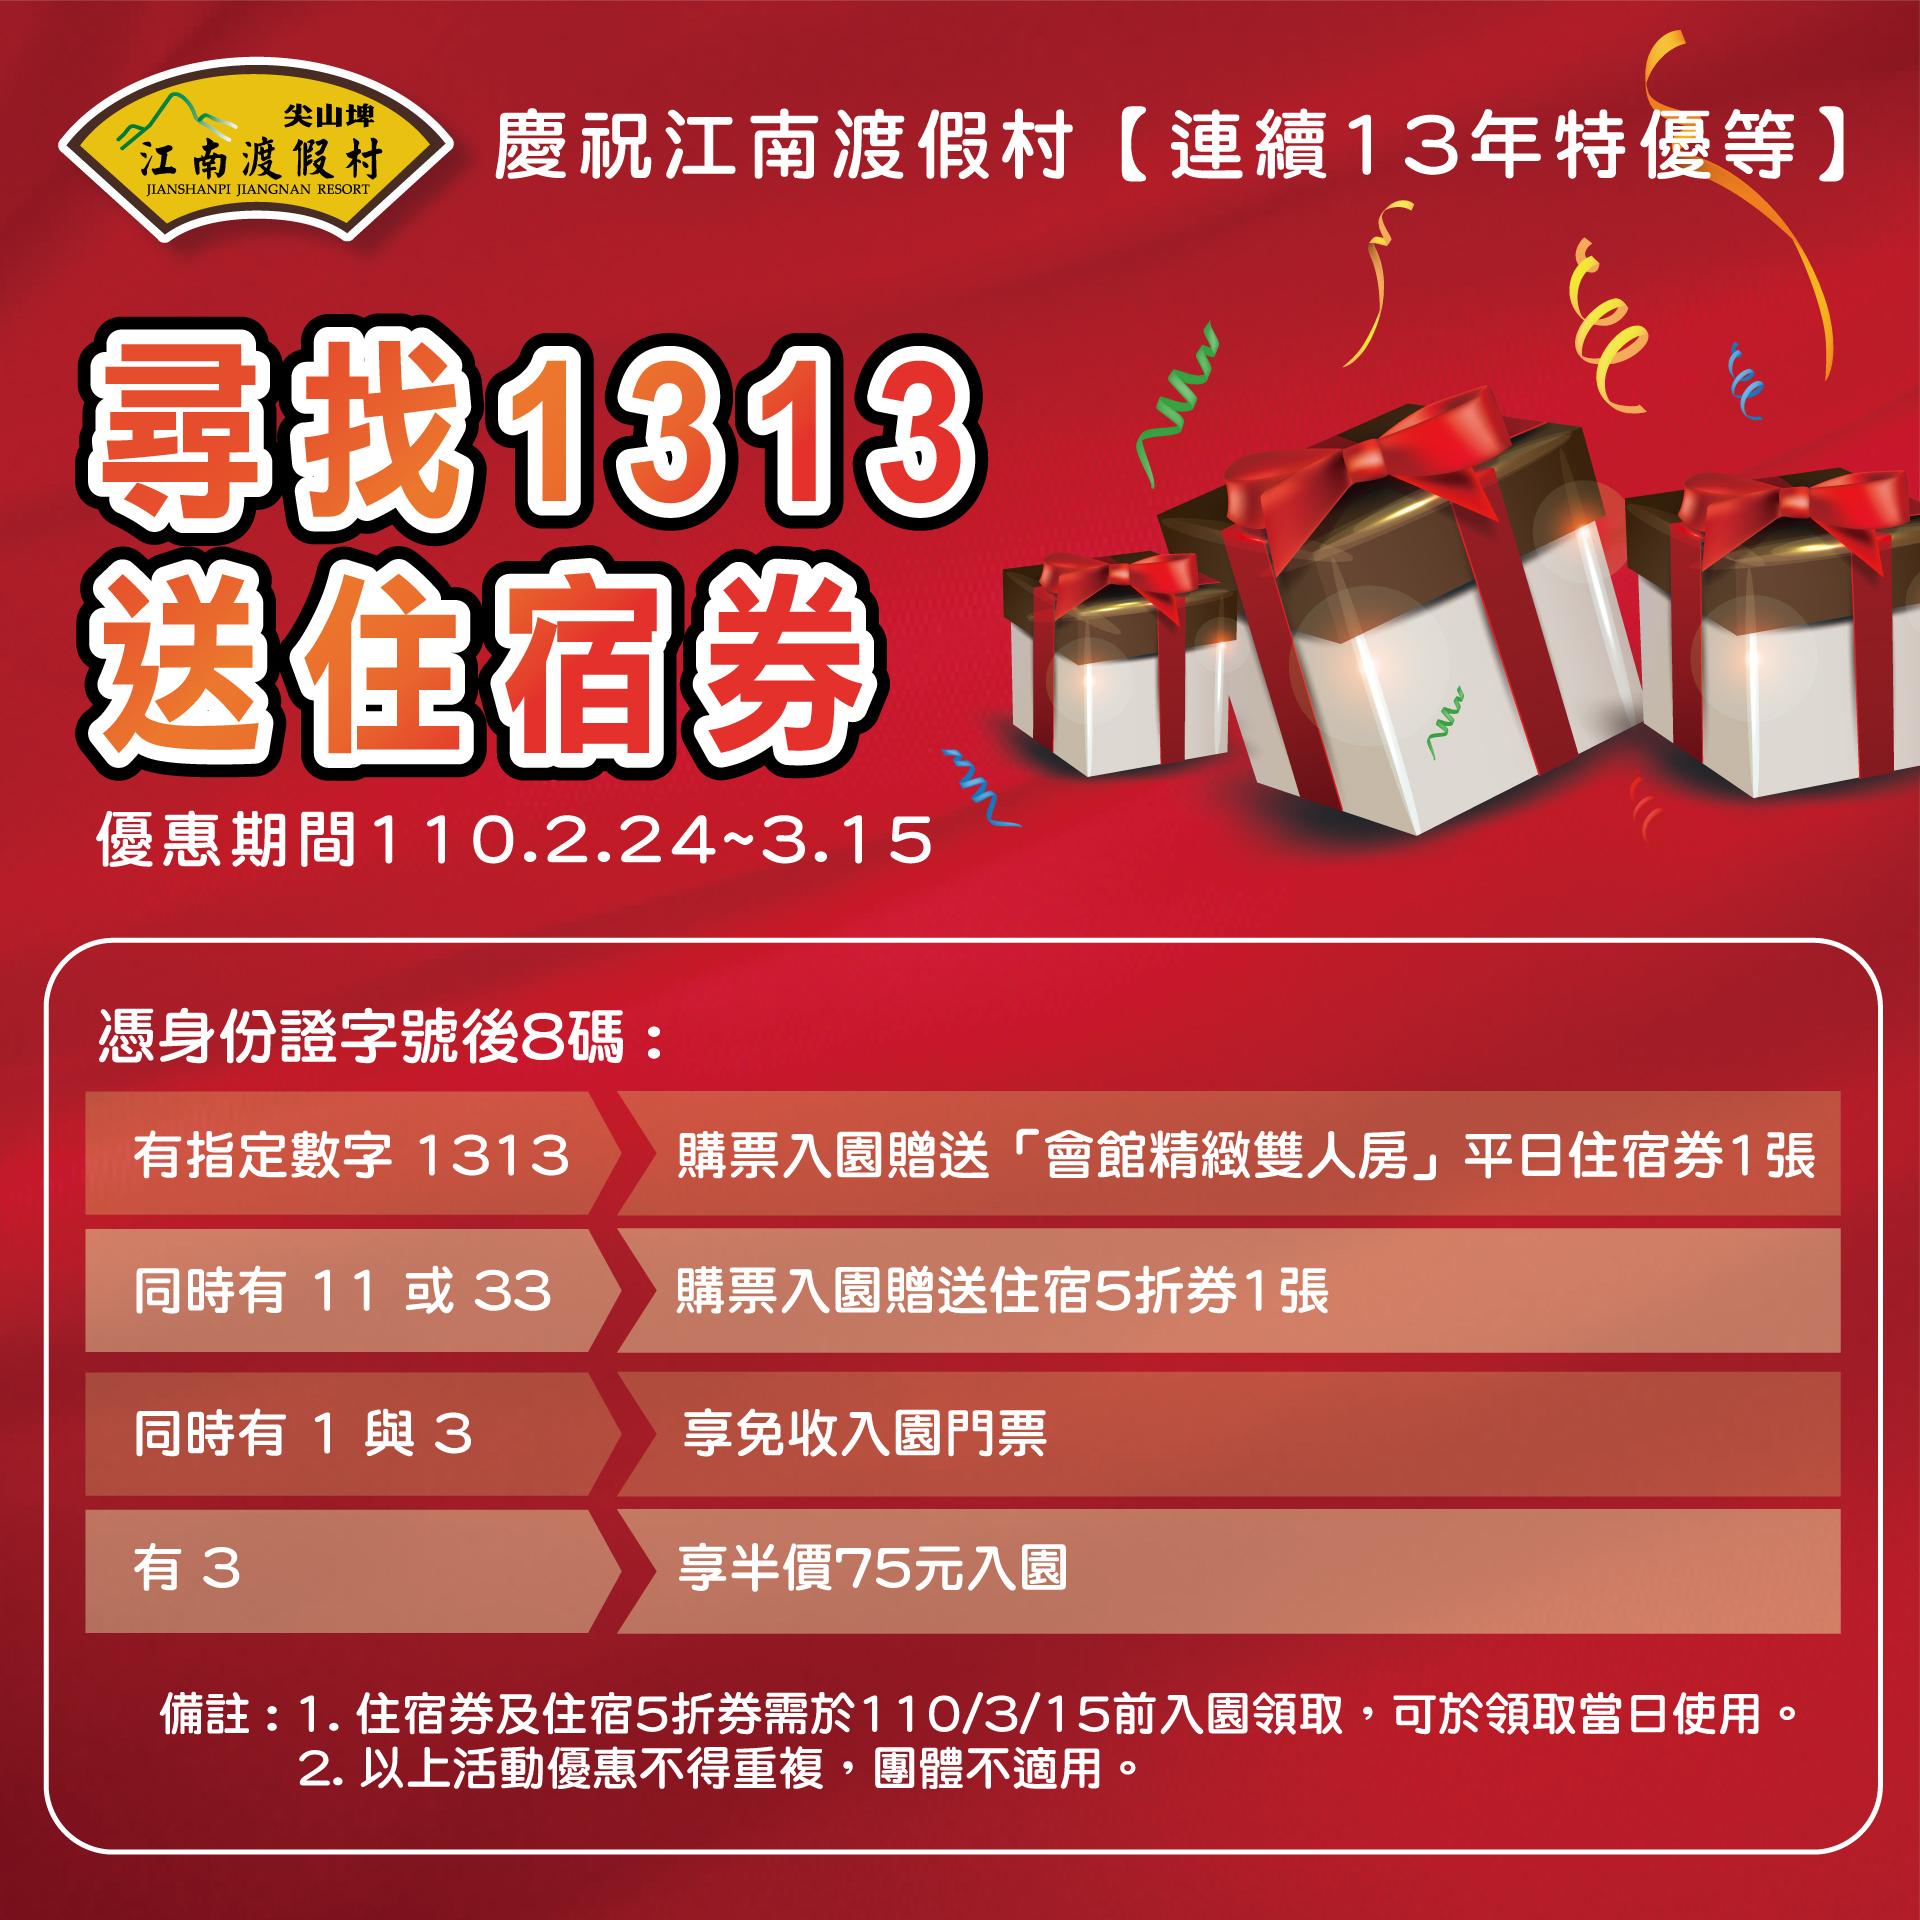 江南渡假村連續 13 年蟬連觀光局評鑑特優等   身分證後 8 碼對中「1313」狂送住宿券